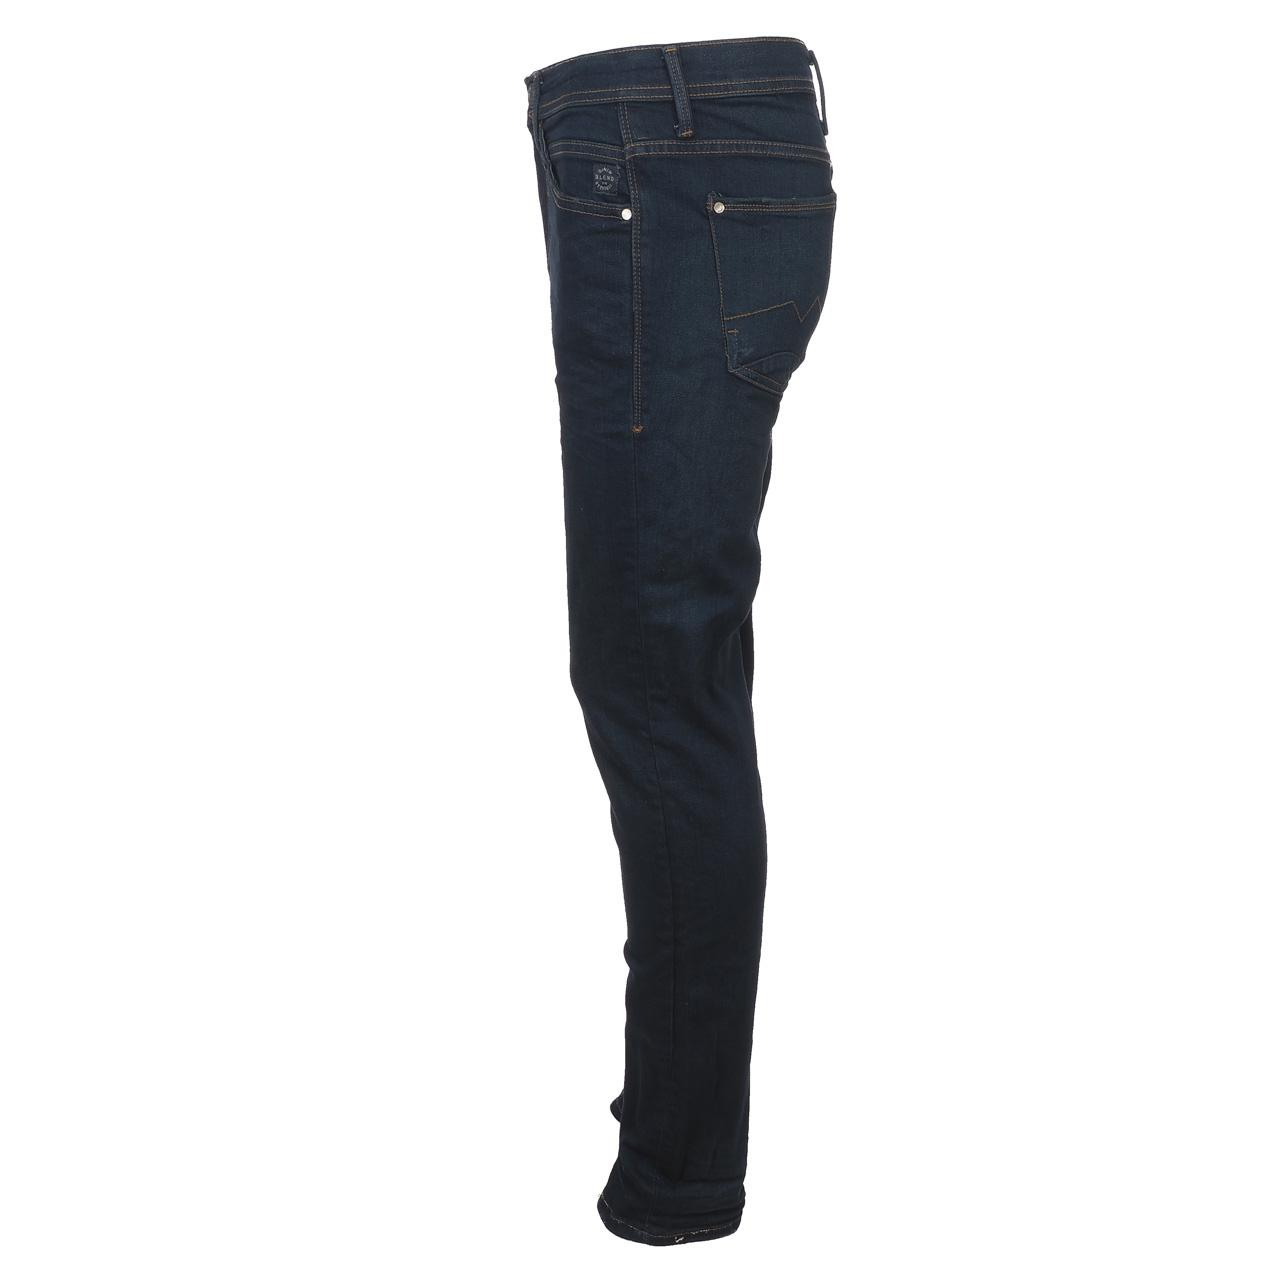 Jeans-Pants-Slim-Blend-Twister-34-Dk-Blue-Blue-Jeans-10961-New thumbnail 2